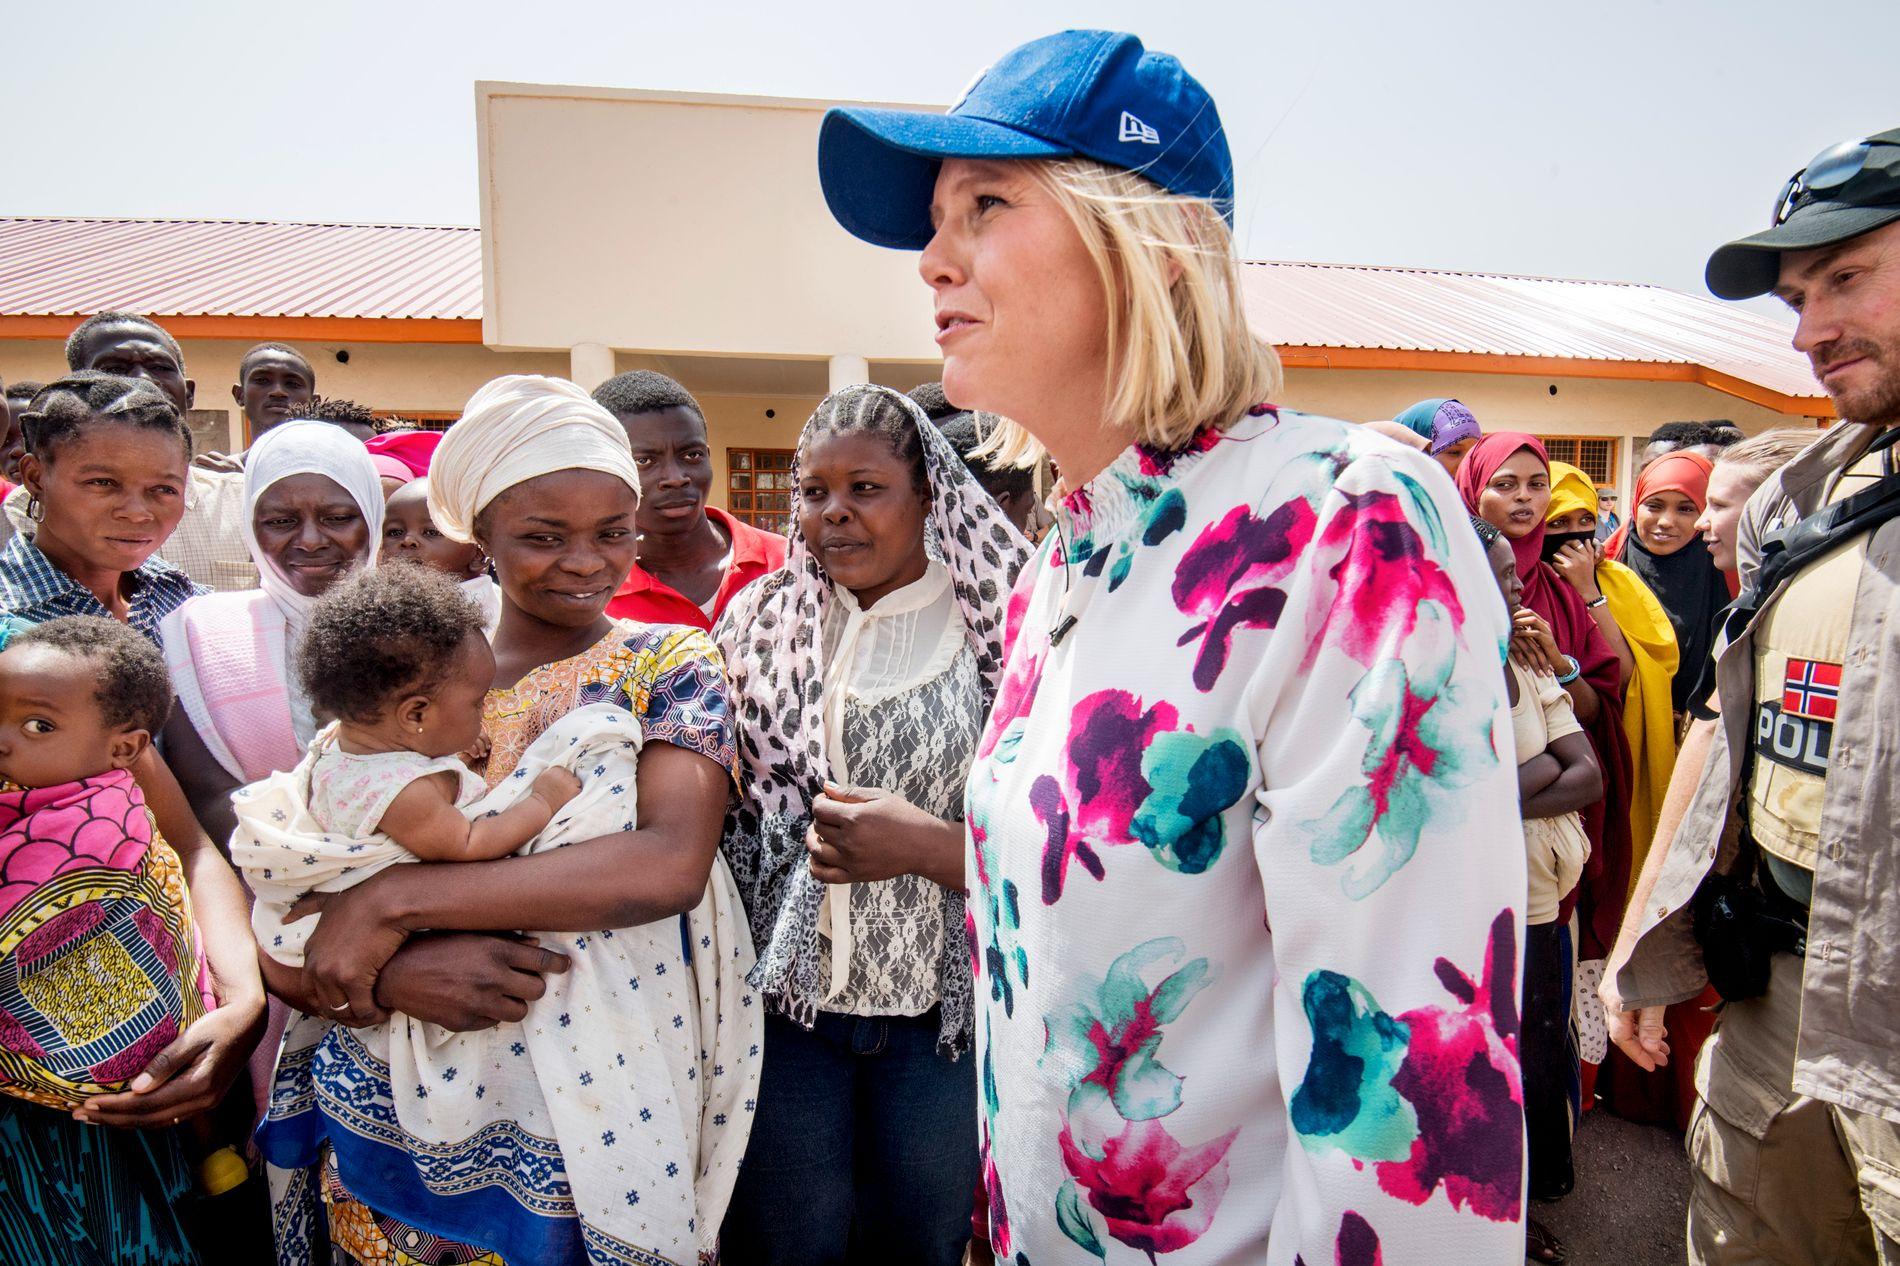 FØRSTE LEIR-BESØK: Sylvi Listhaug (Frp) var lørdag på sitt første besøk i en afrikansk flyktningleir. Her møter hun damer som får yrkestrening i Kakuma-leiren nord i Kenya.